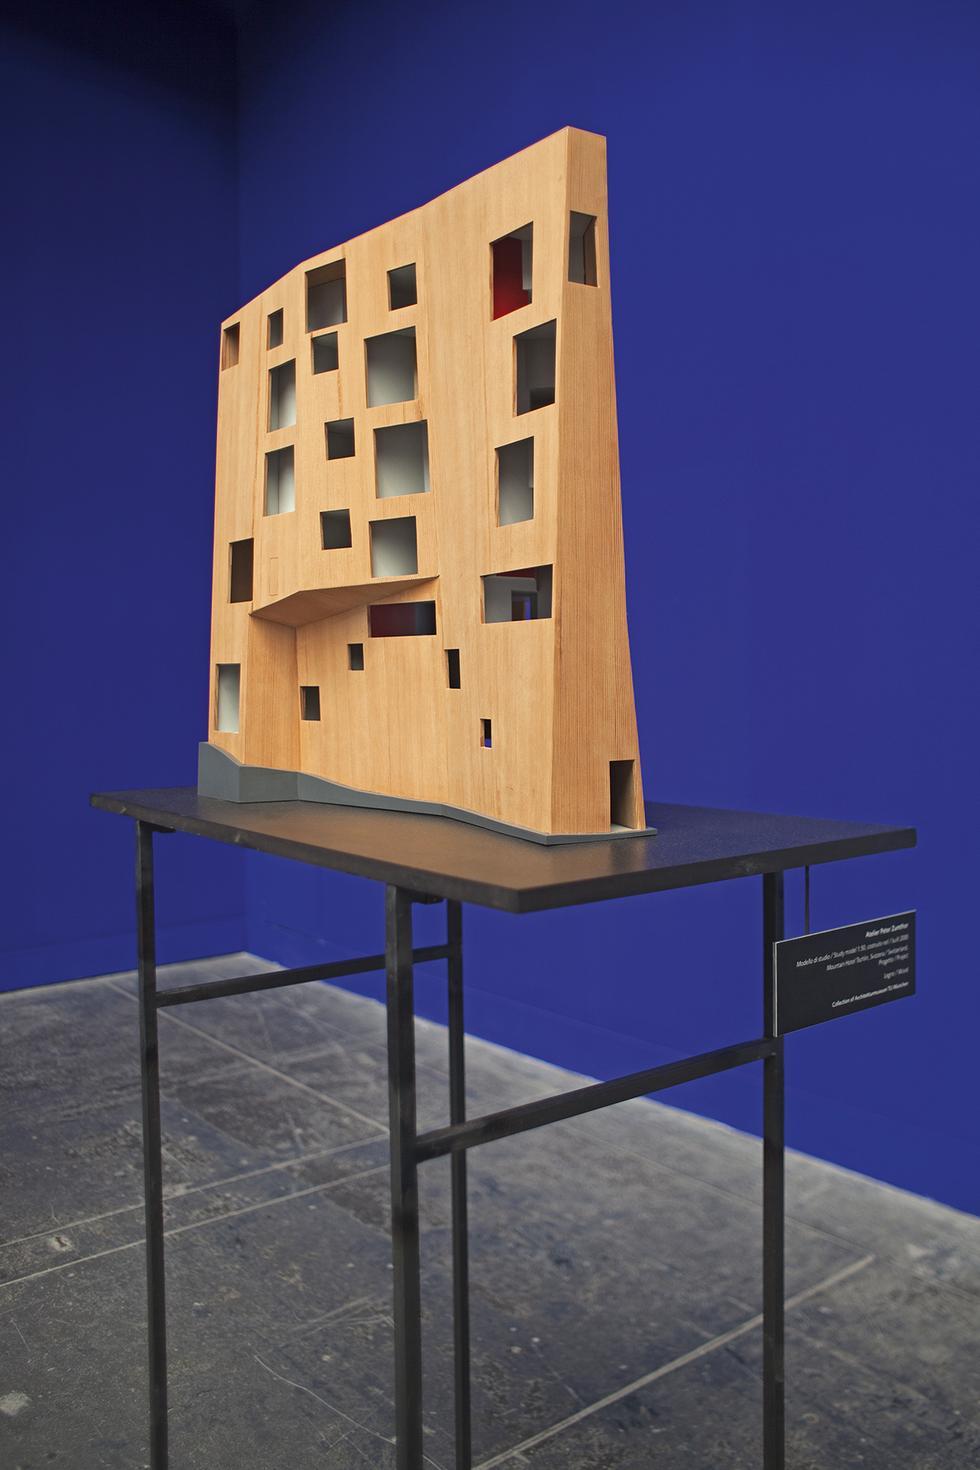 Tu nic się nie stało – 16. Biennale Architektury w Wenecji